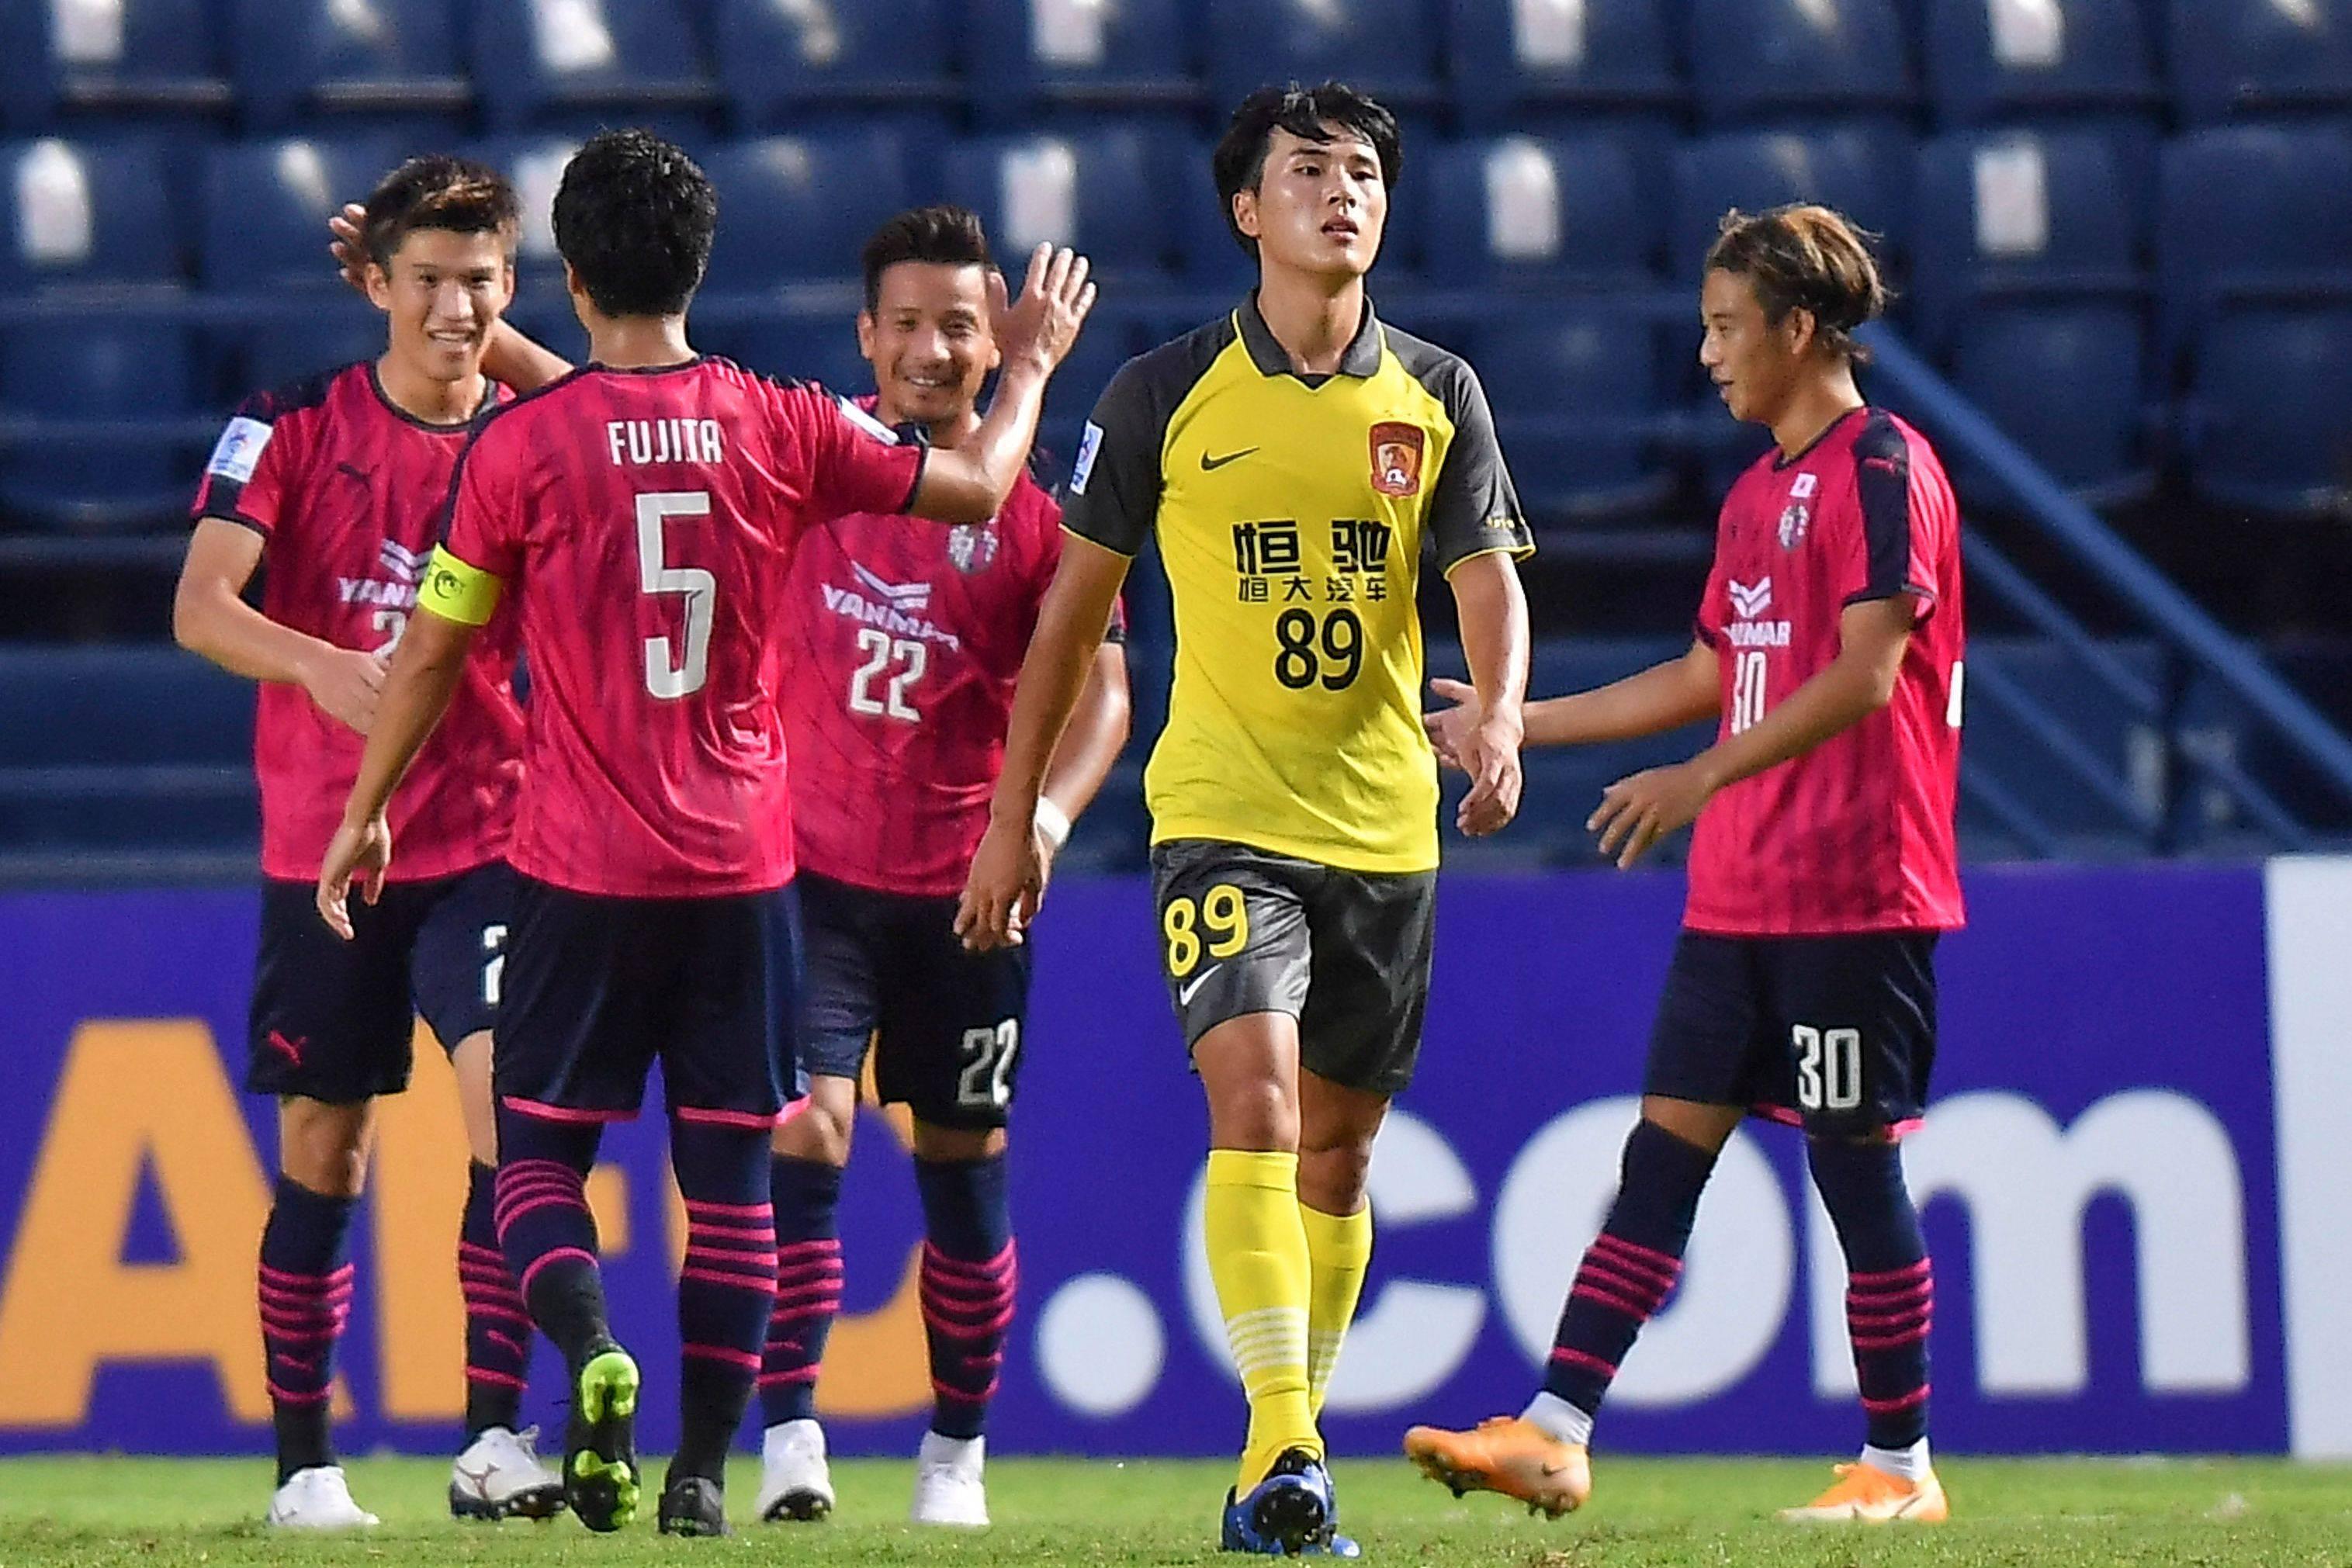 中超创亚冠参赛史惨败纪录 日本20岁小将已上演帽子戏法